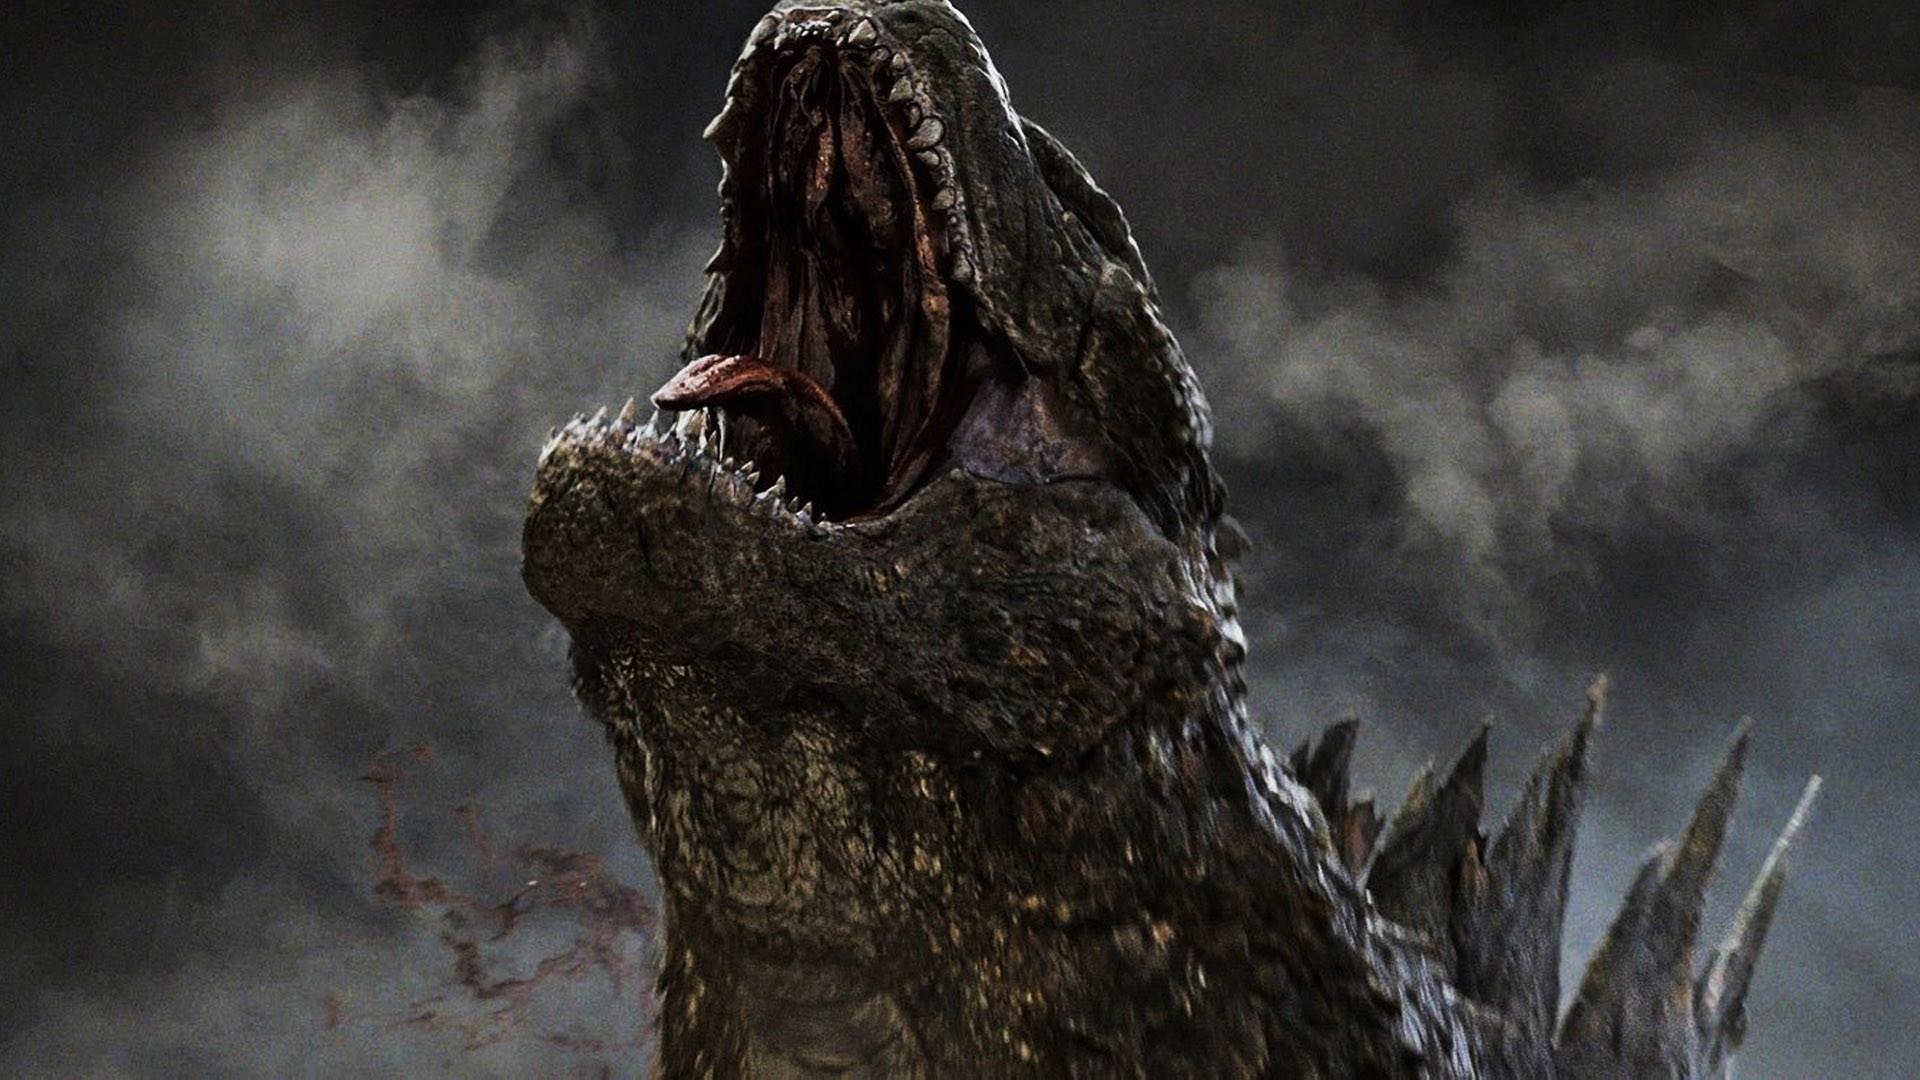 Download Godzilla HD Wallpapers for Free | ZyzixuN.net